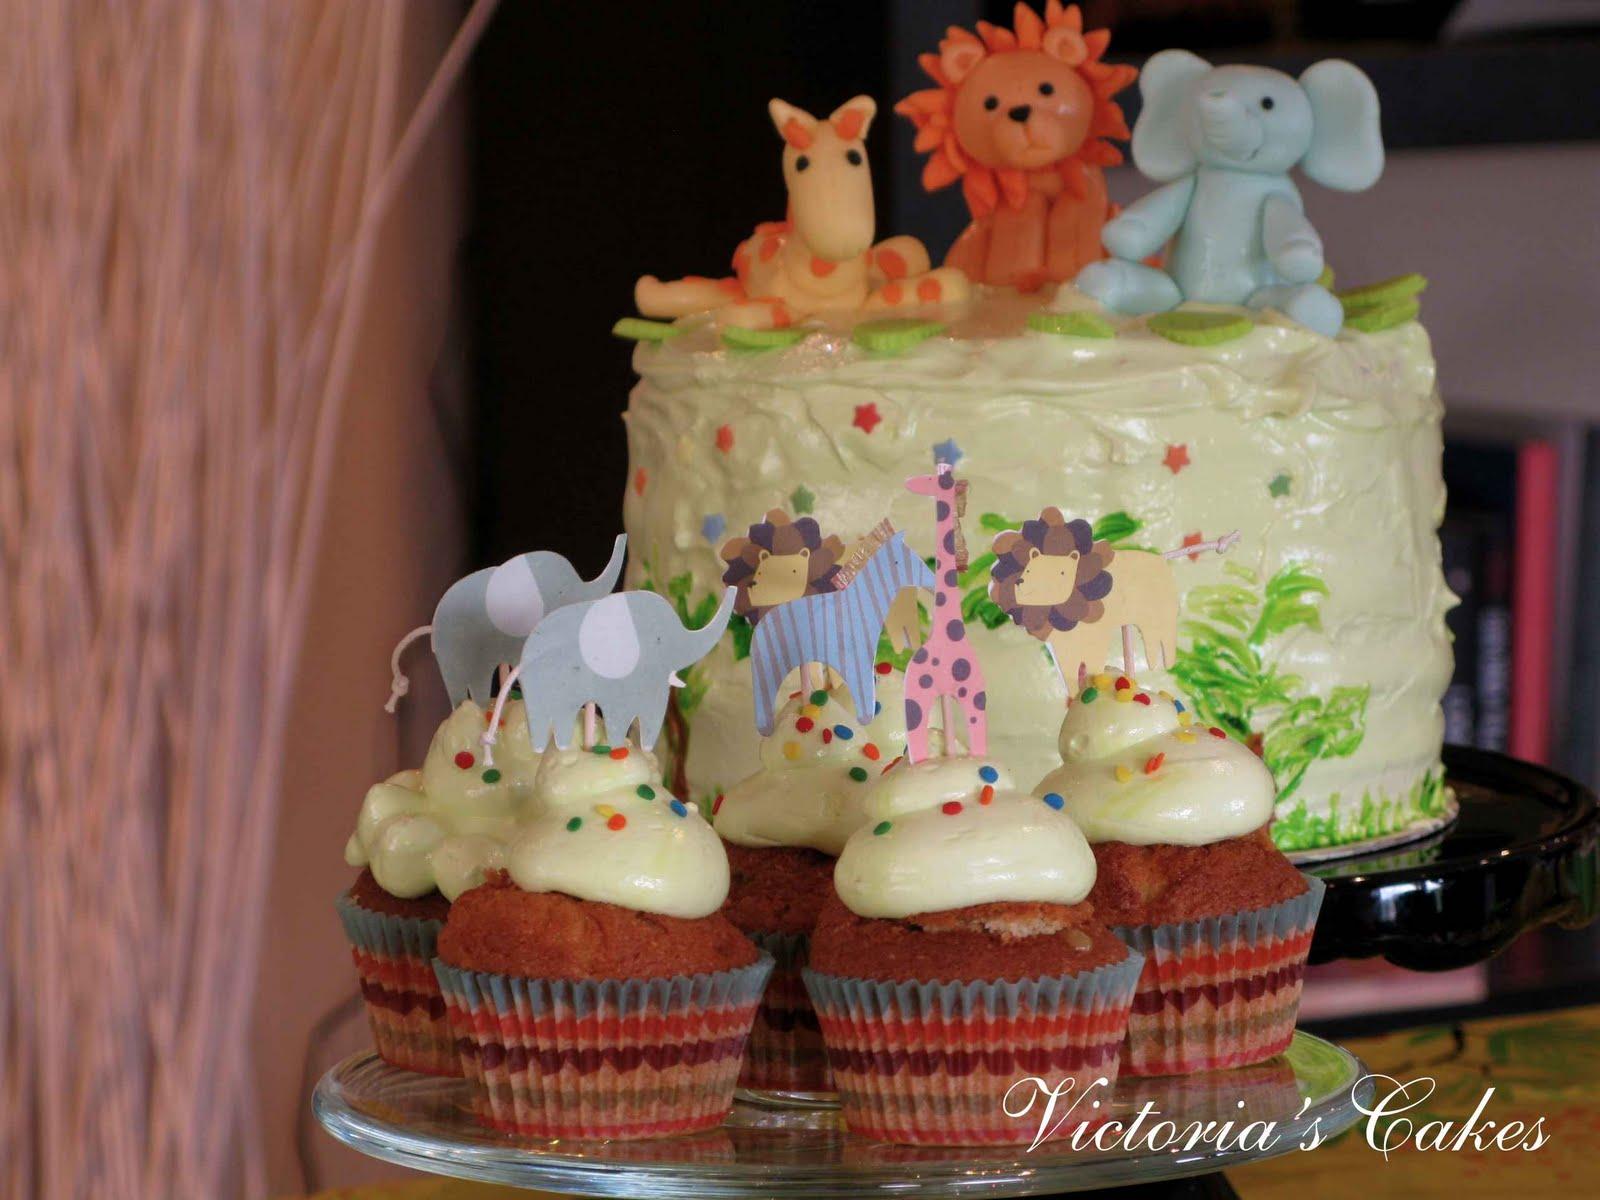 Victoria's Cakes: Fiesta de cumpleaños de animales en la Selva!!!